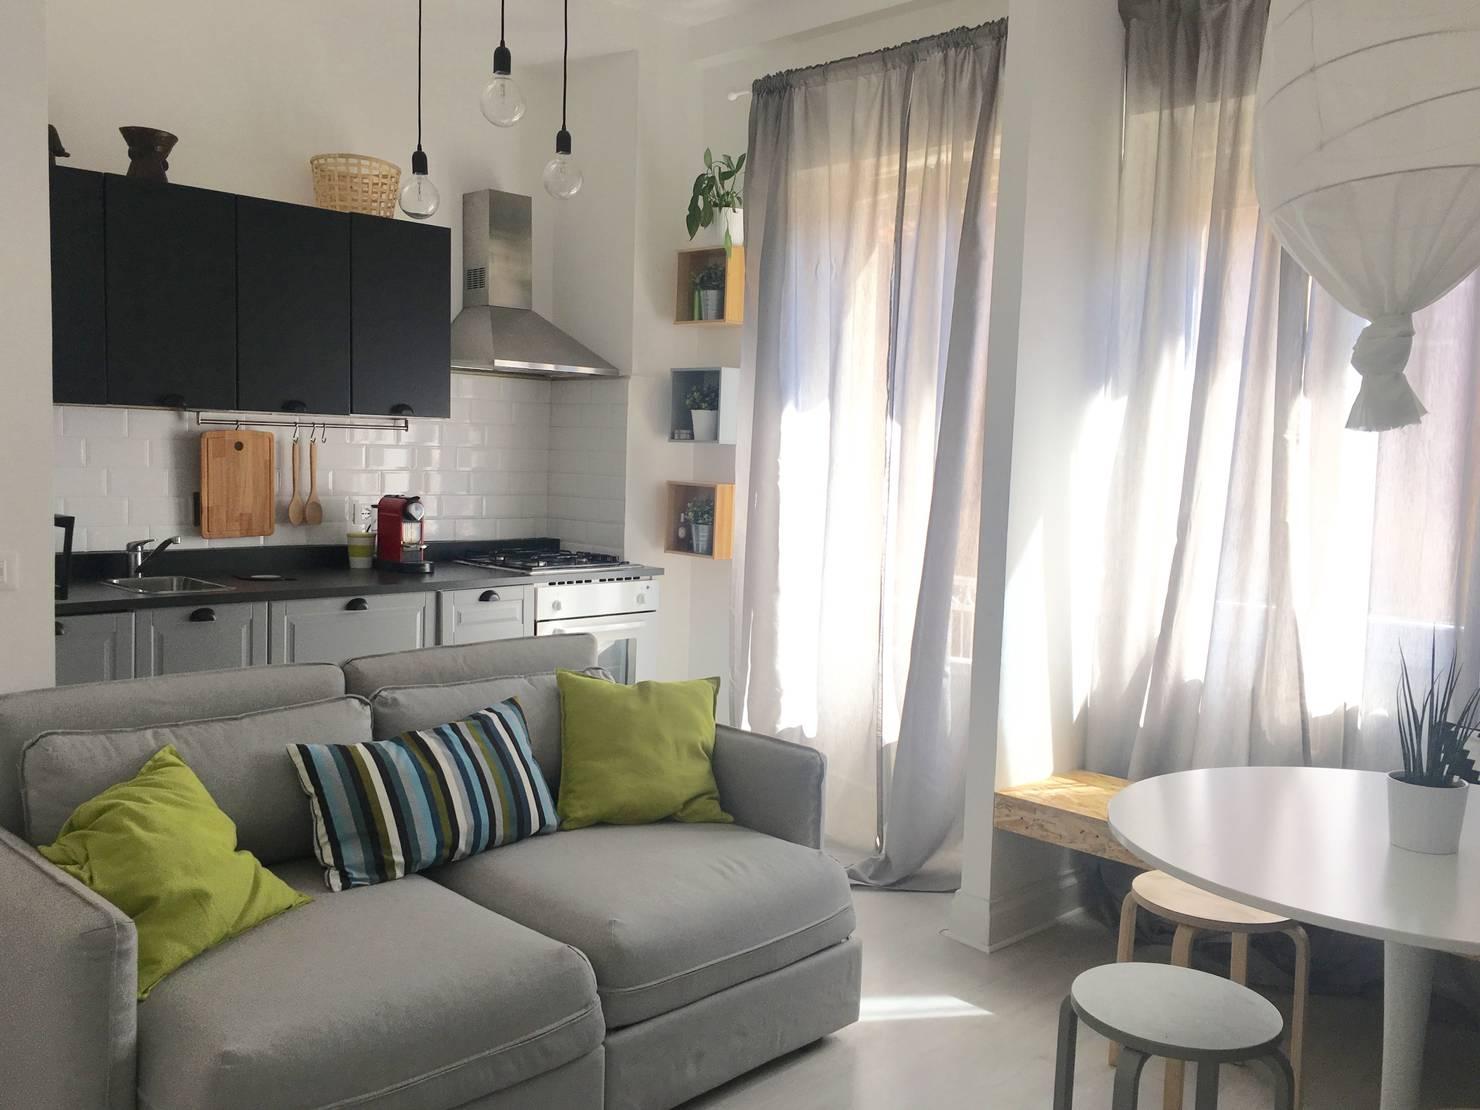 Дизайн квартиры 30 квадратных метров